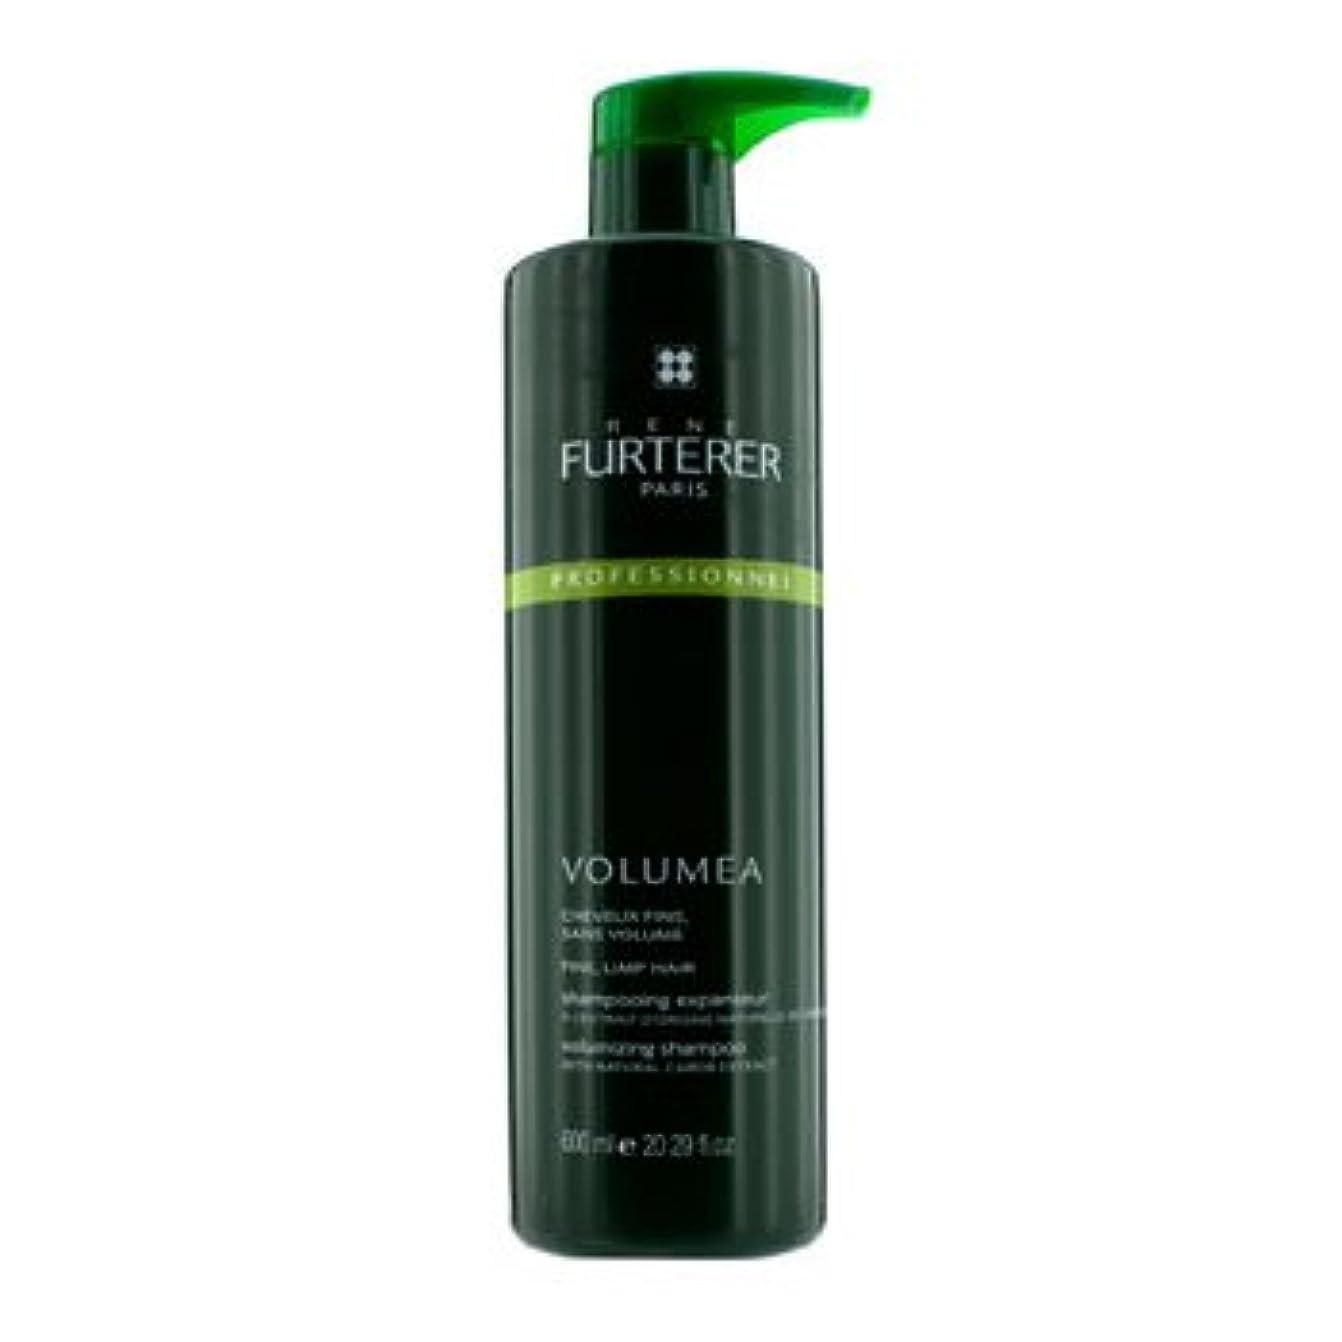 割る通信網マオリ[Rene Furterer] Volumea Volumizing Shampoo (For Fine and Limp Hair) 600ml/20.29oz